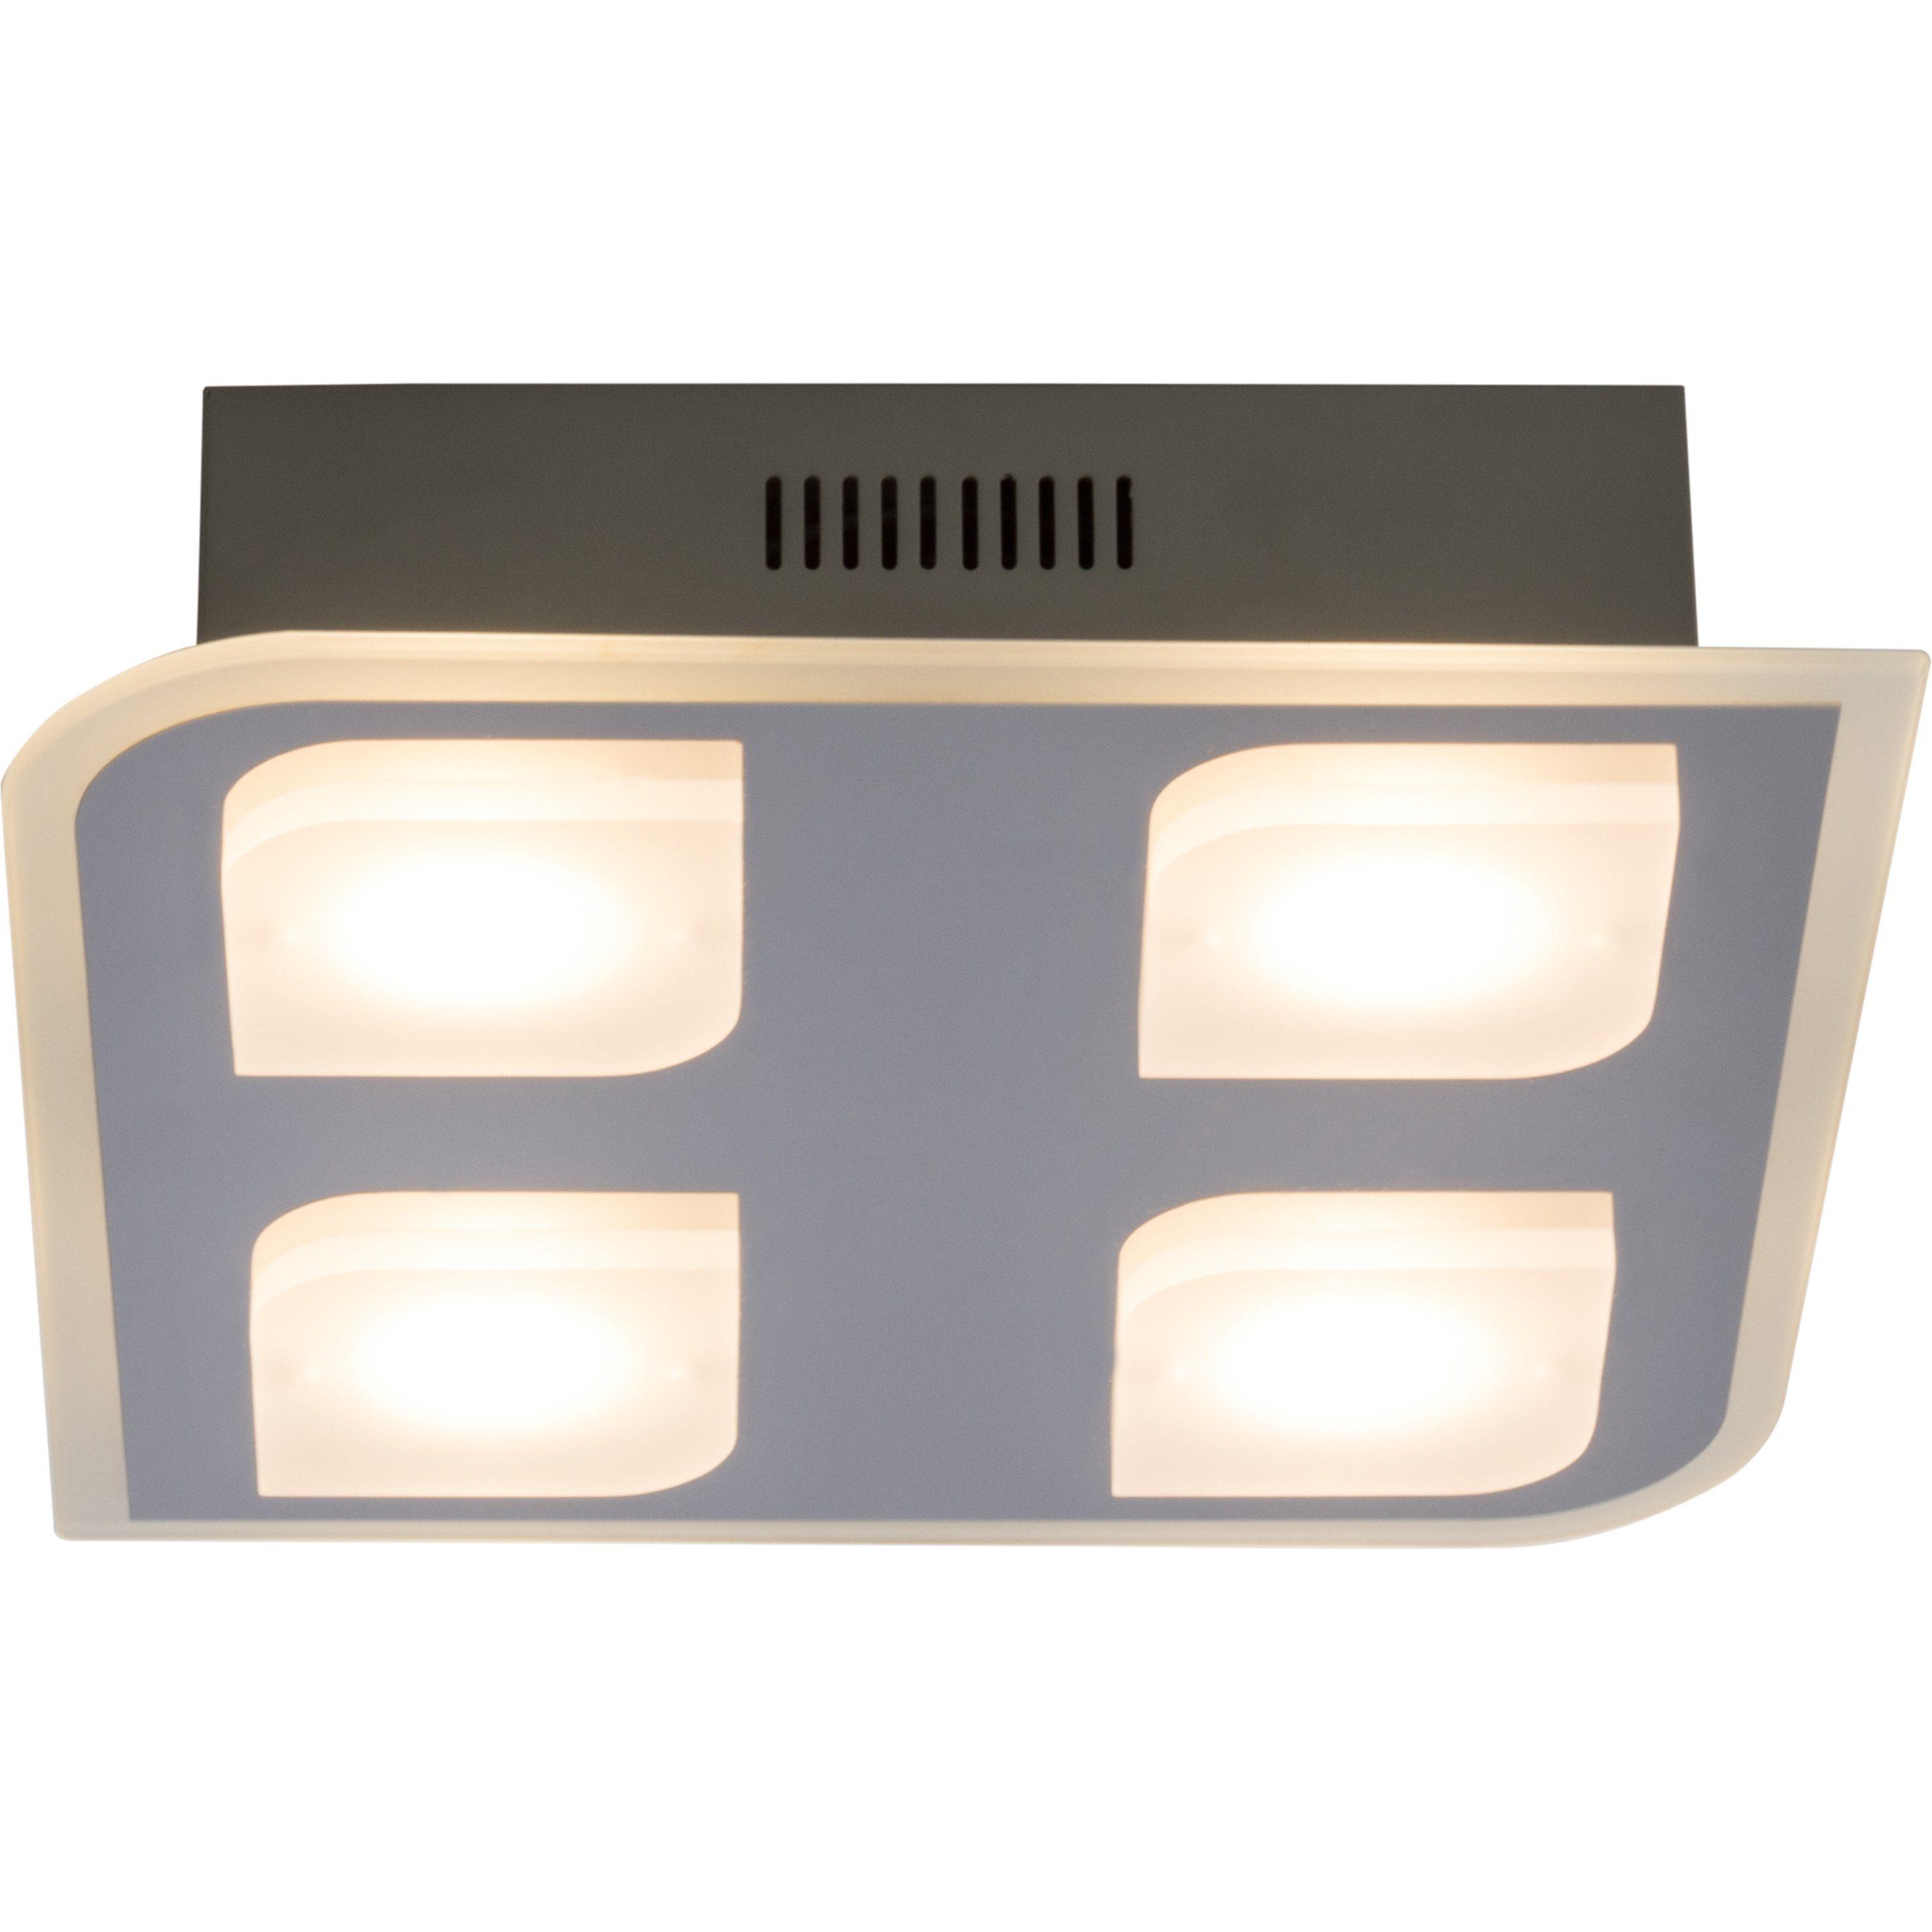 Brilliant Leuchten Formular LED Deckenleuchte, 4-flammig chrom IP44